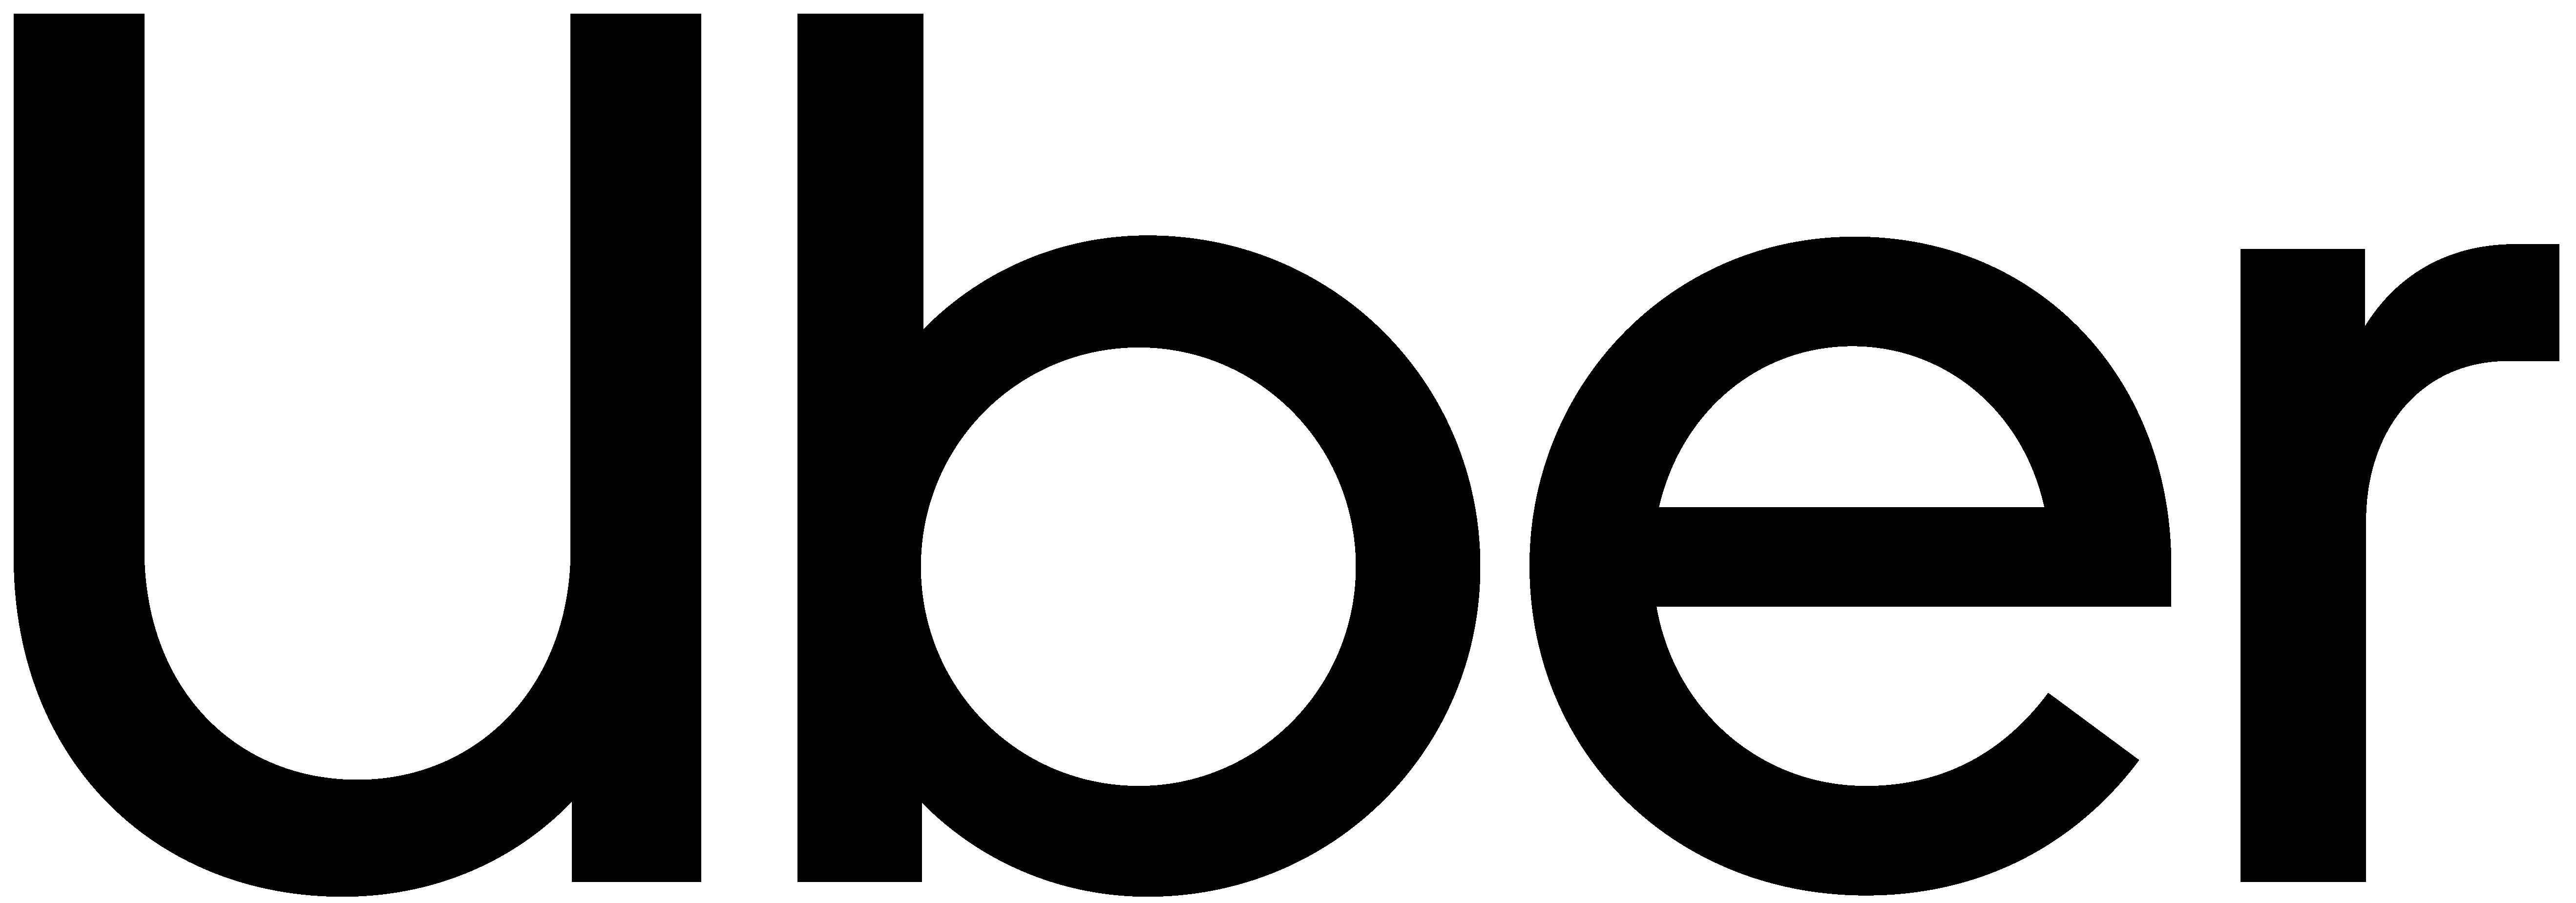 File:Uber logo 2018.png.